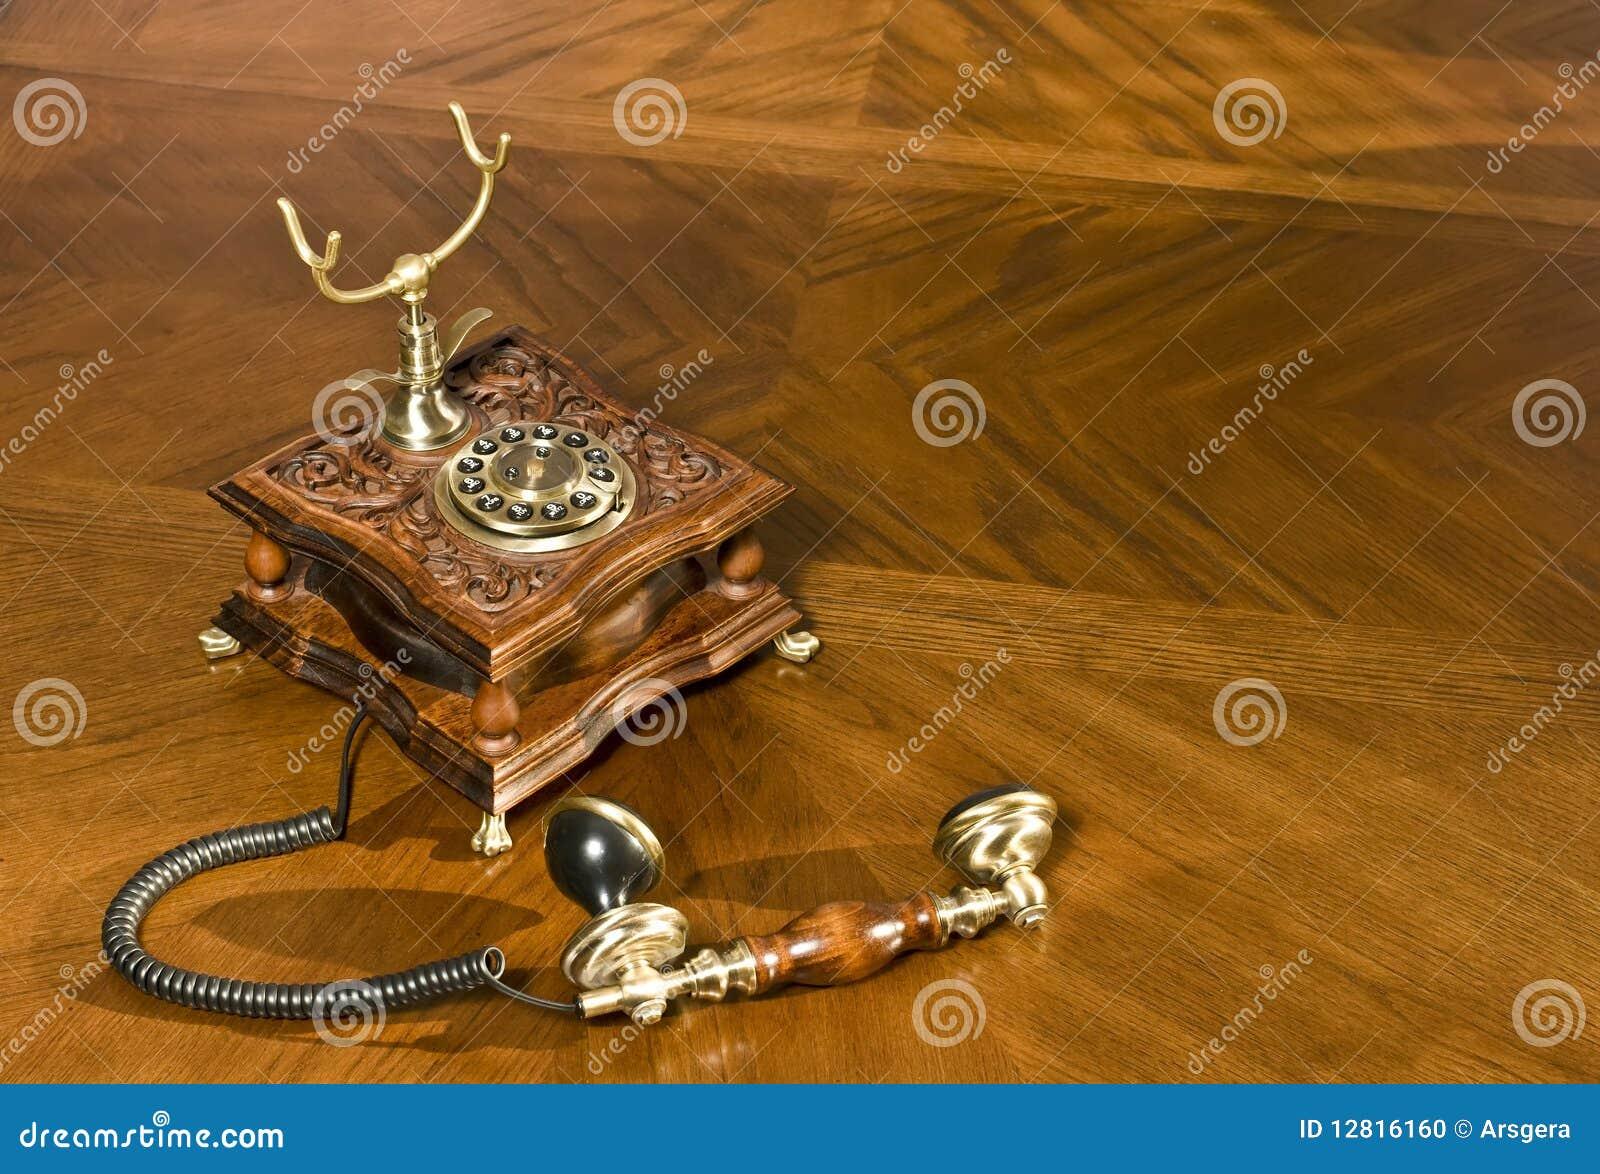 Heben Sie das Telefon auf. Altmodisches Telefon